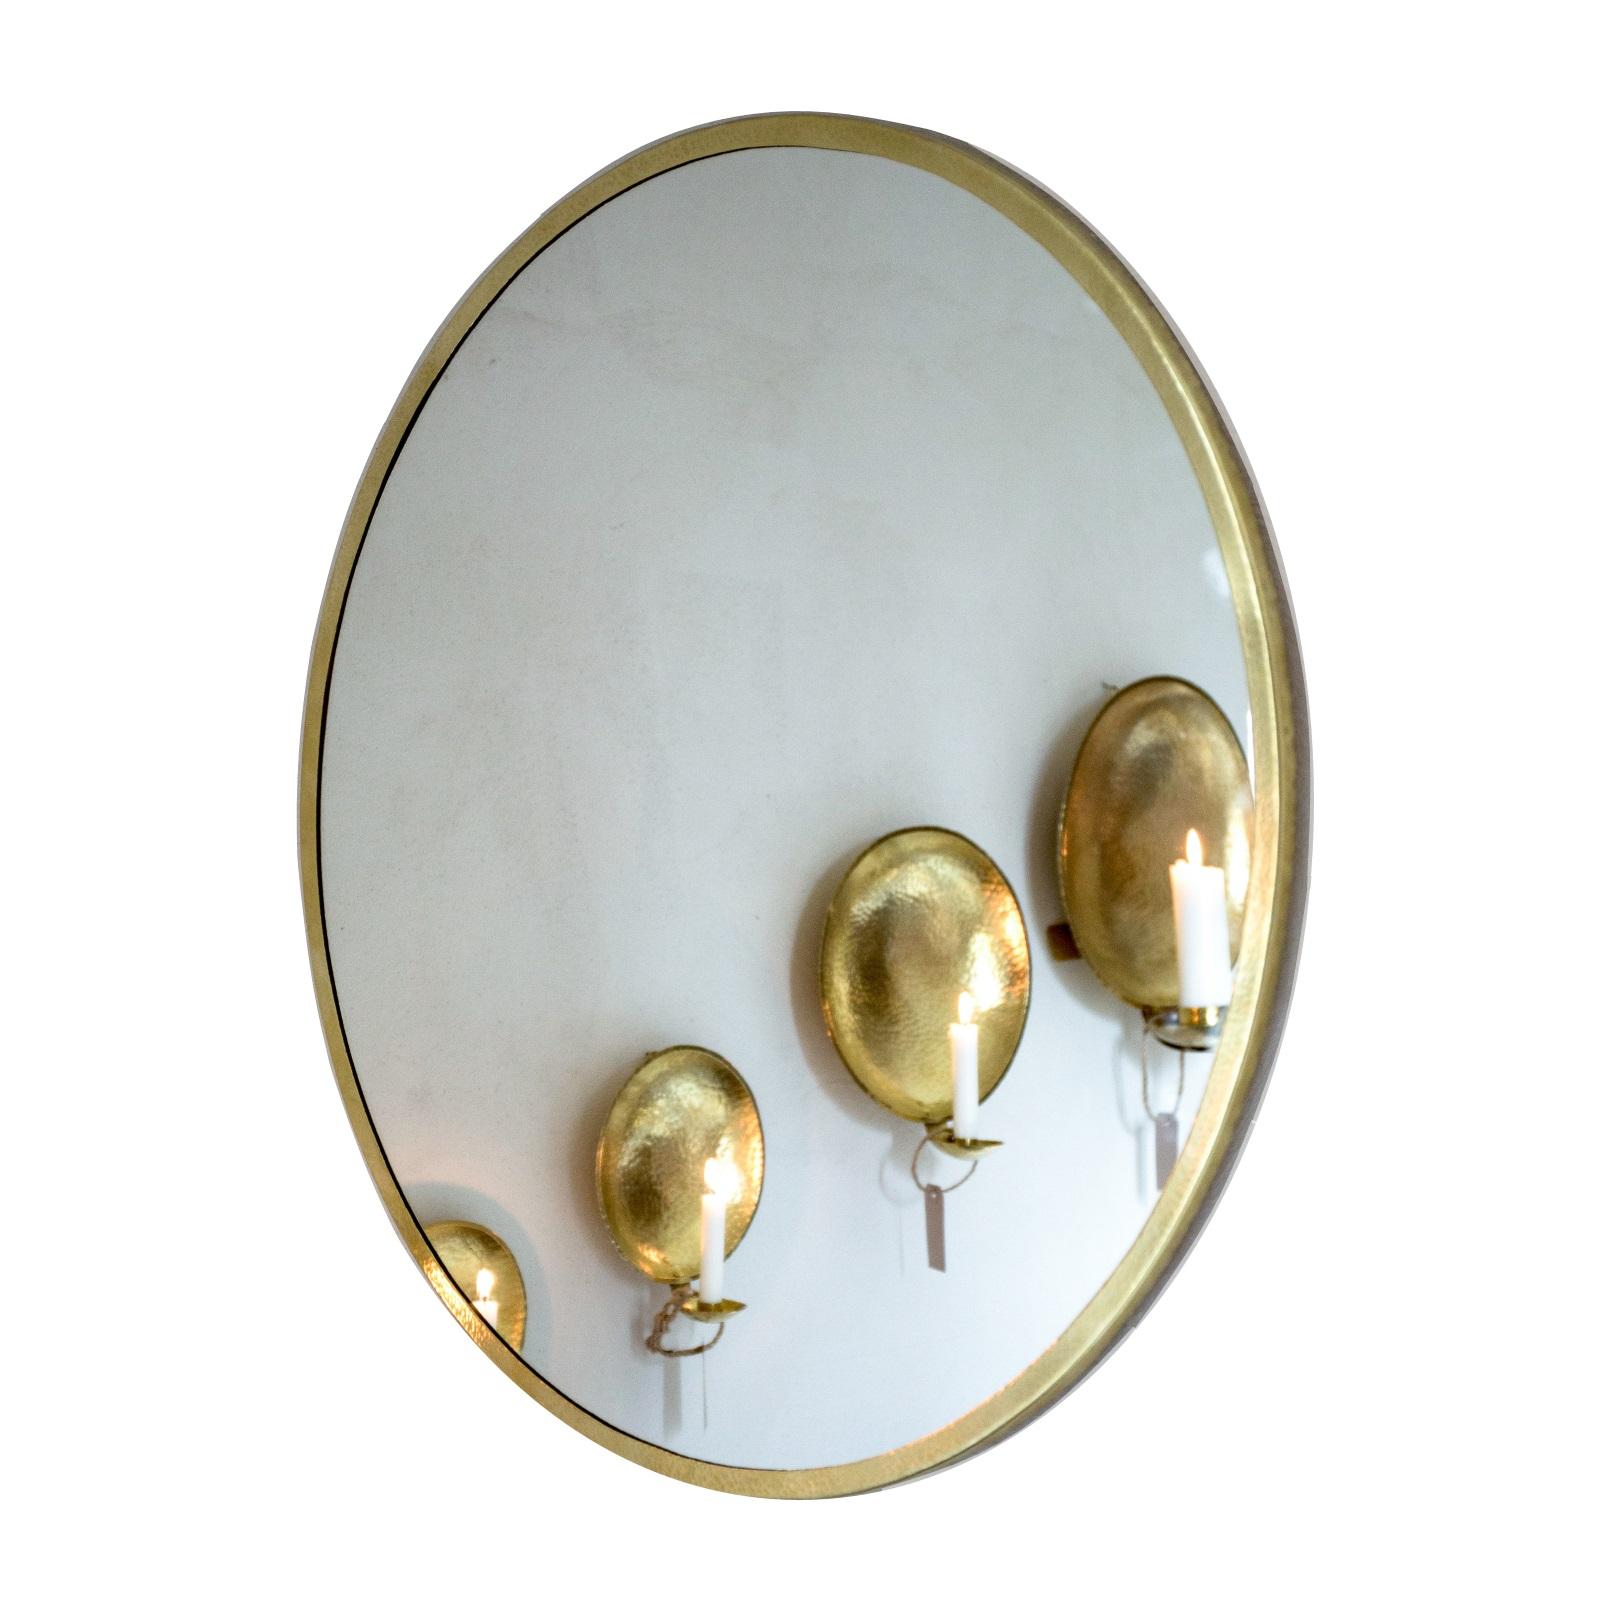 Malin Appelgren Spegel 50 cm mässing